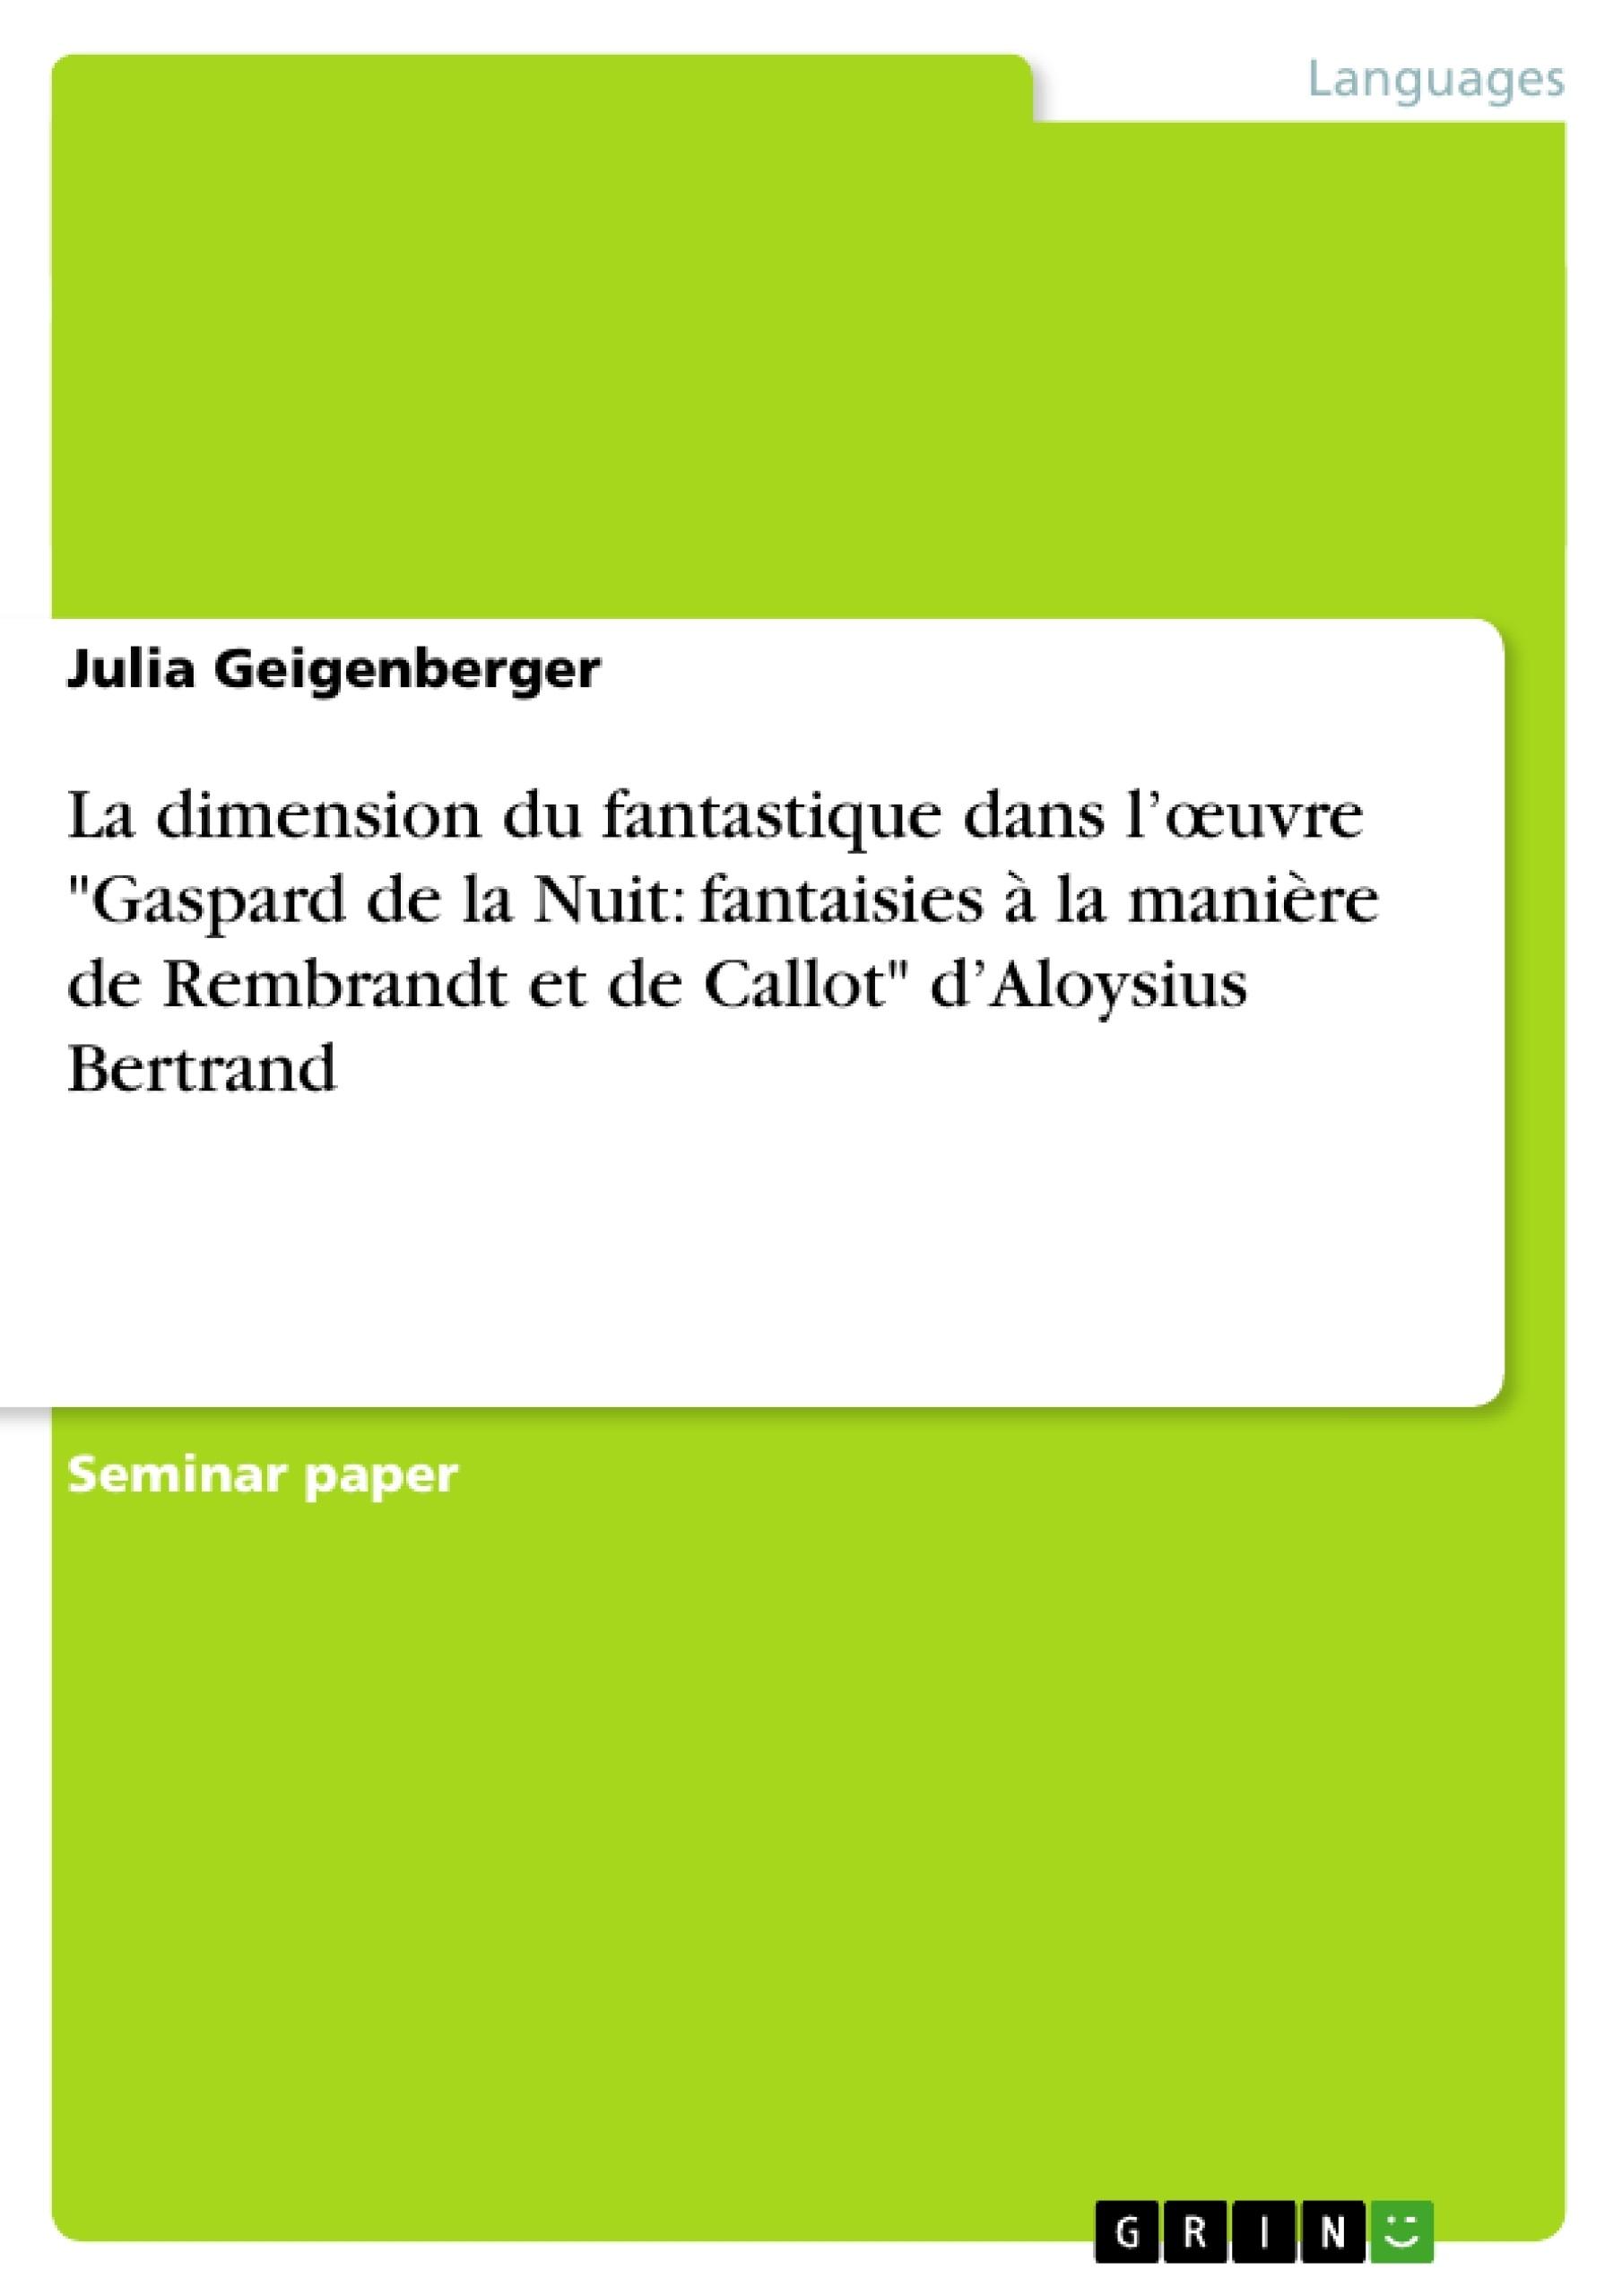 """Titre: La dimension du fantastique dans l'œuvre """"Gaspard de la Nuit: fantaisies à la manière de Rembrandt et de Callot"""" d'Aloysius Bertrand"""